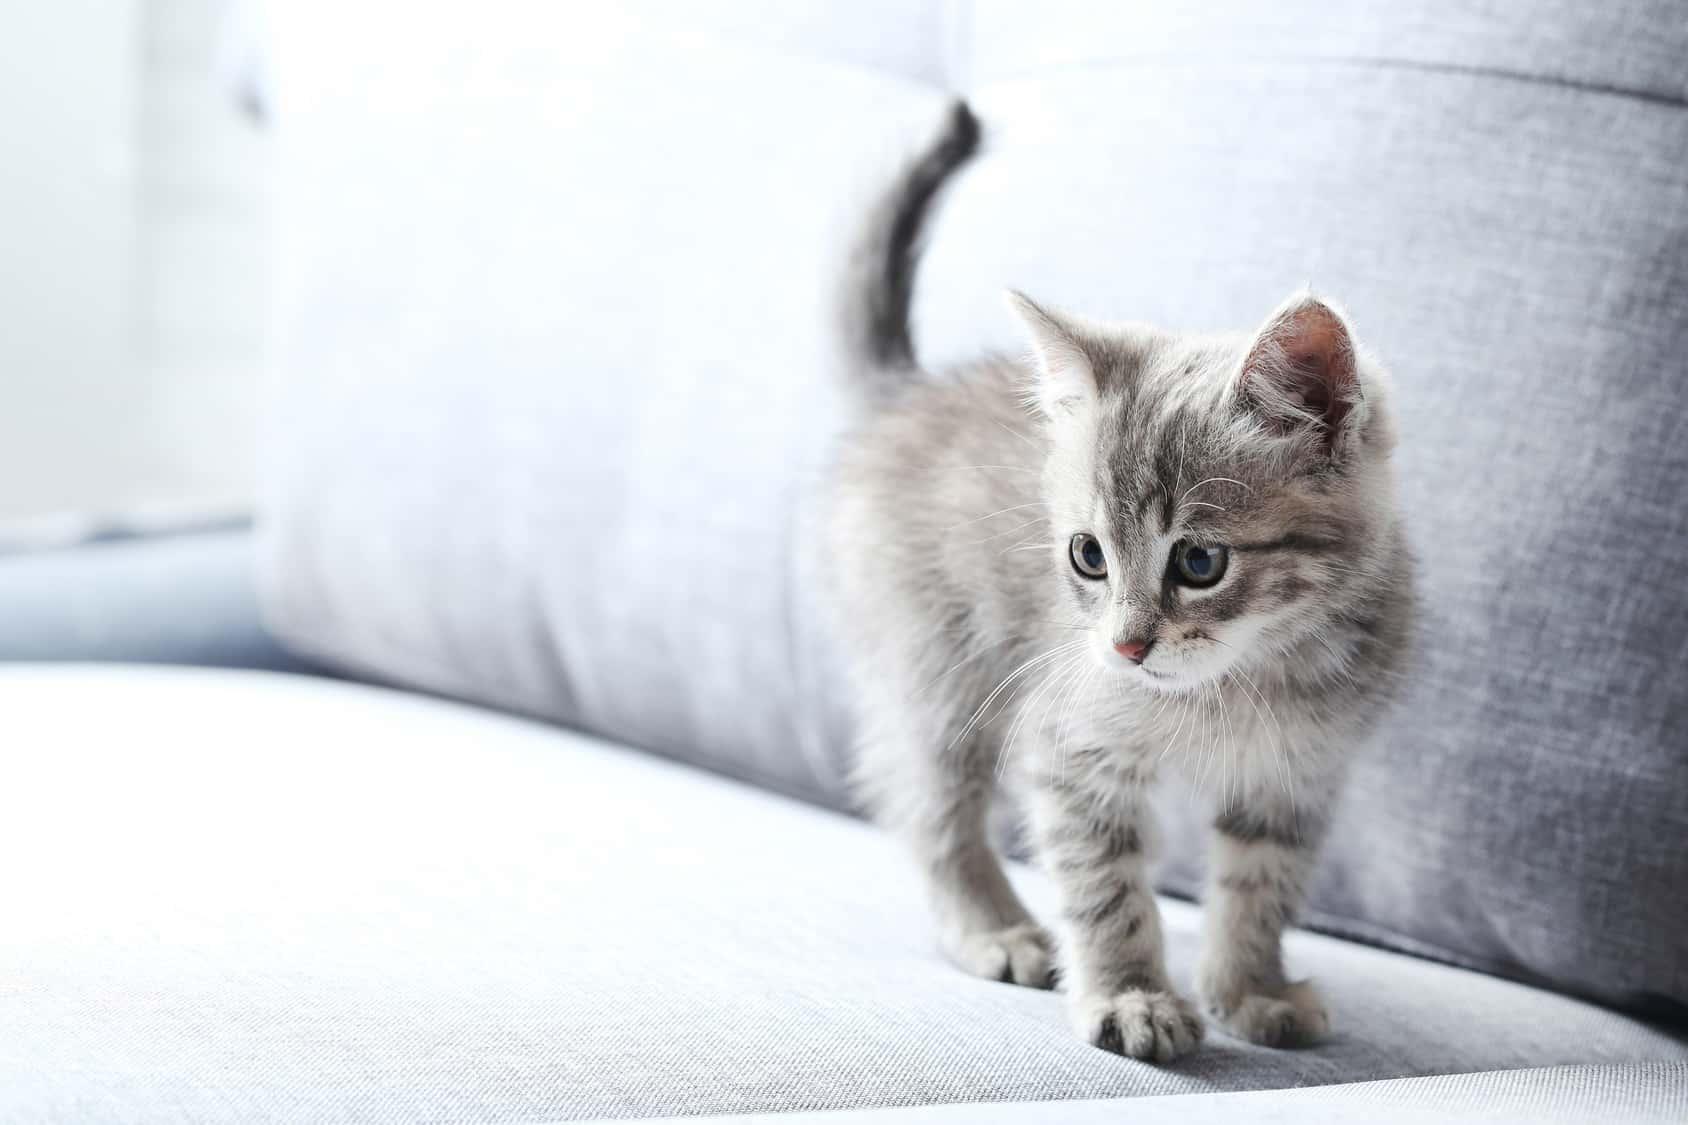 gefahren f r katzen im haushalt katzenliebhaber. Black Bedroom Furniture Sets. Home Design Ideas